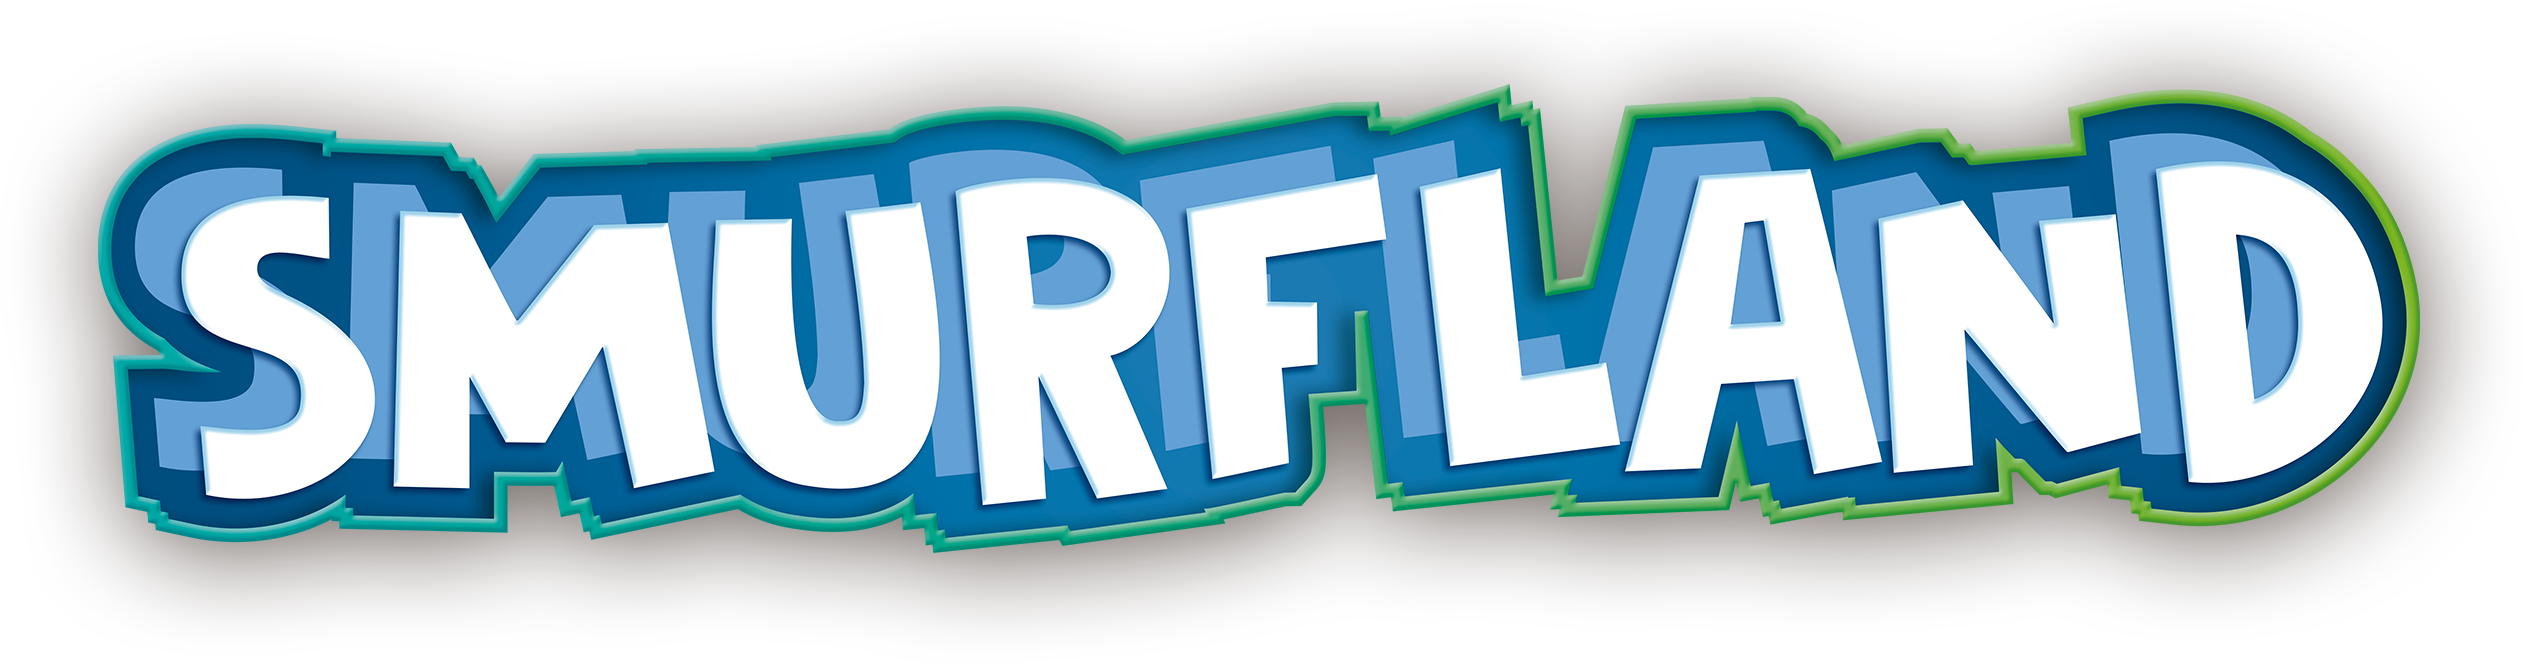 logo SMURFLAND 3d